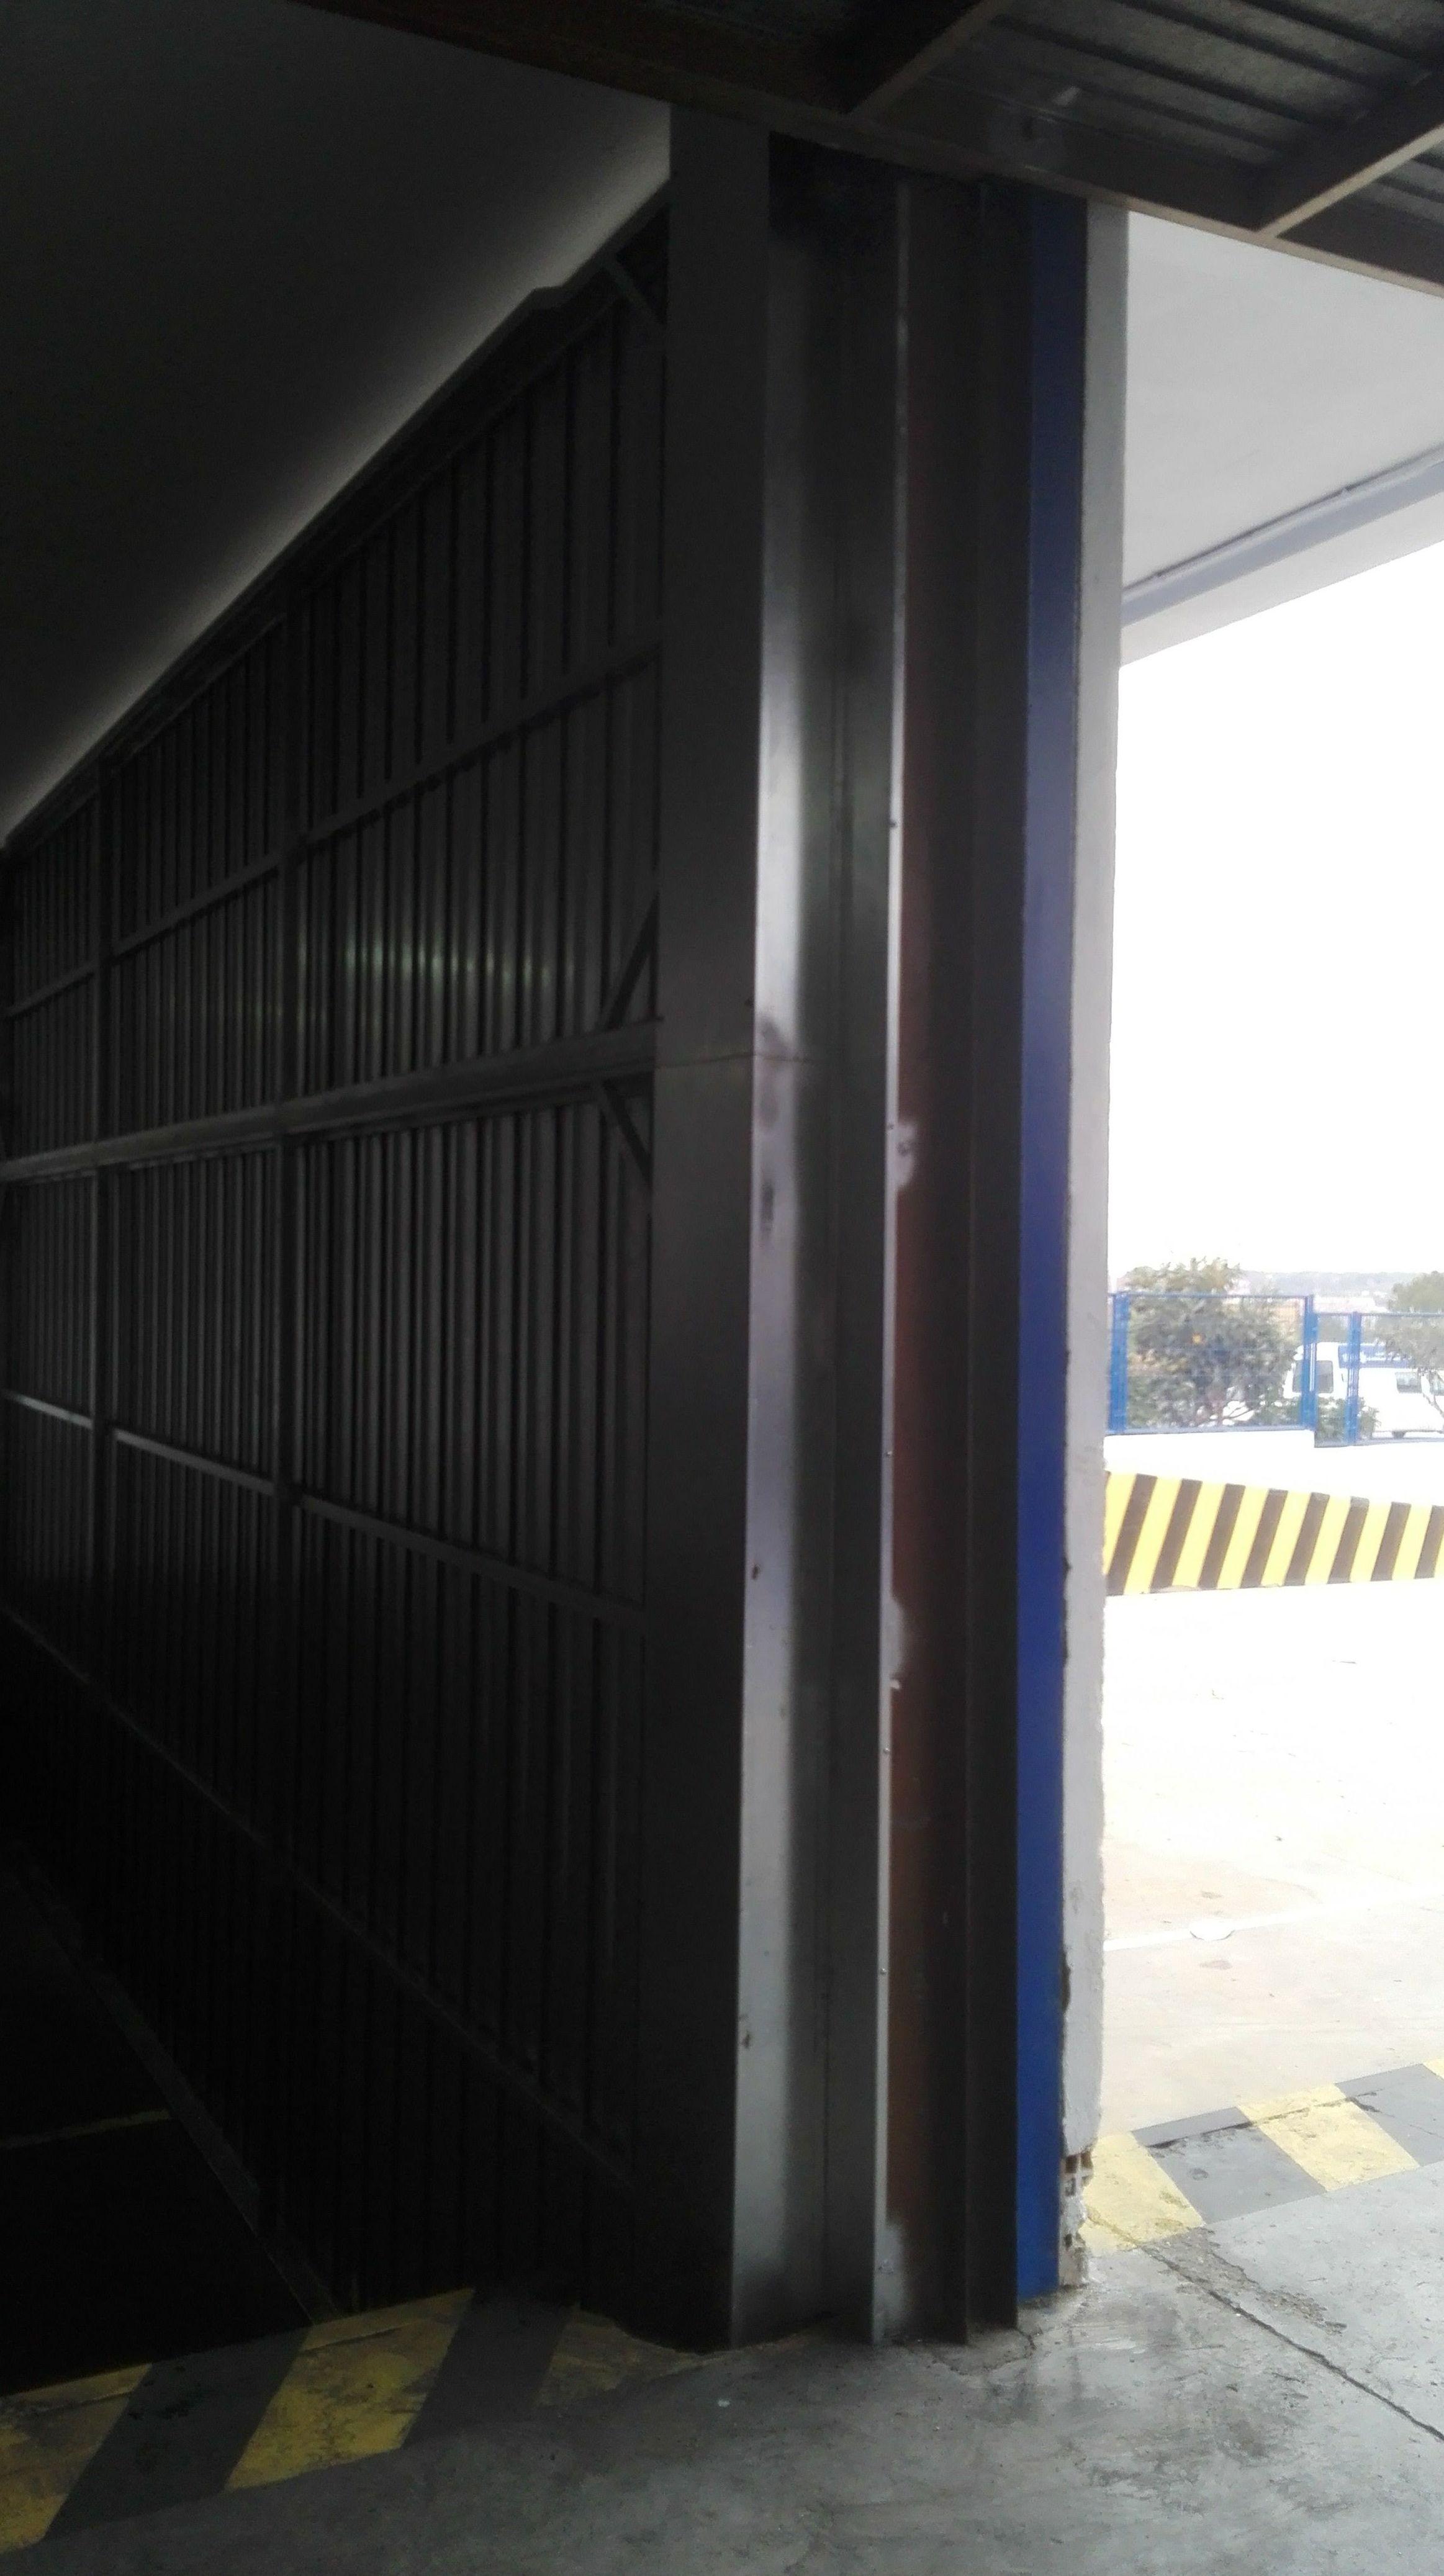 Puerta basculante de contrapesos de chapa galvanizada cajón interior en Paterna